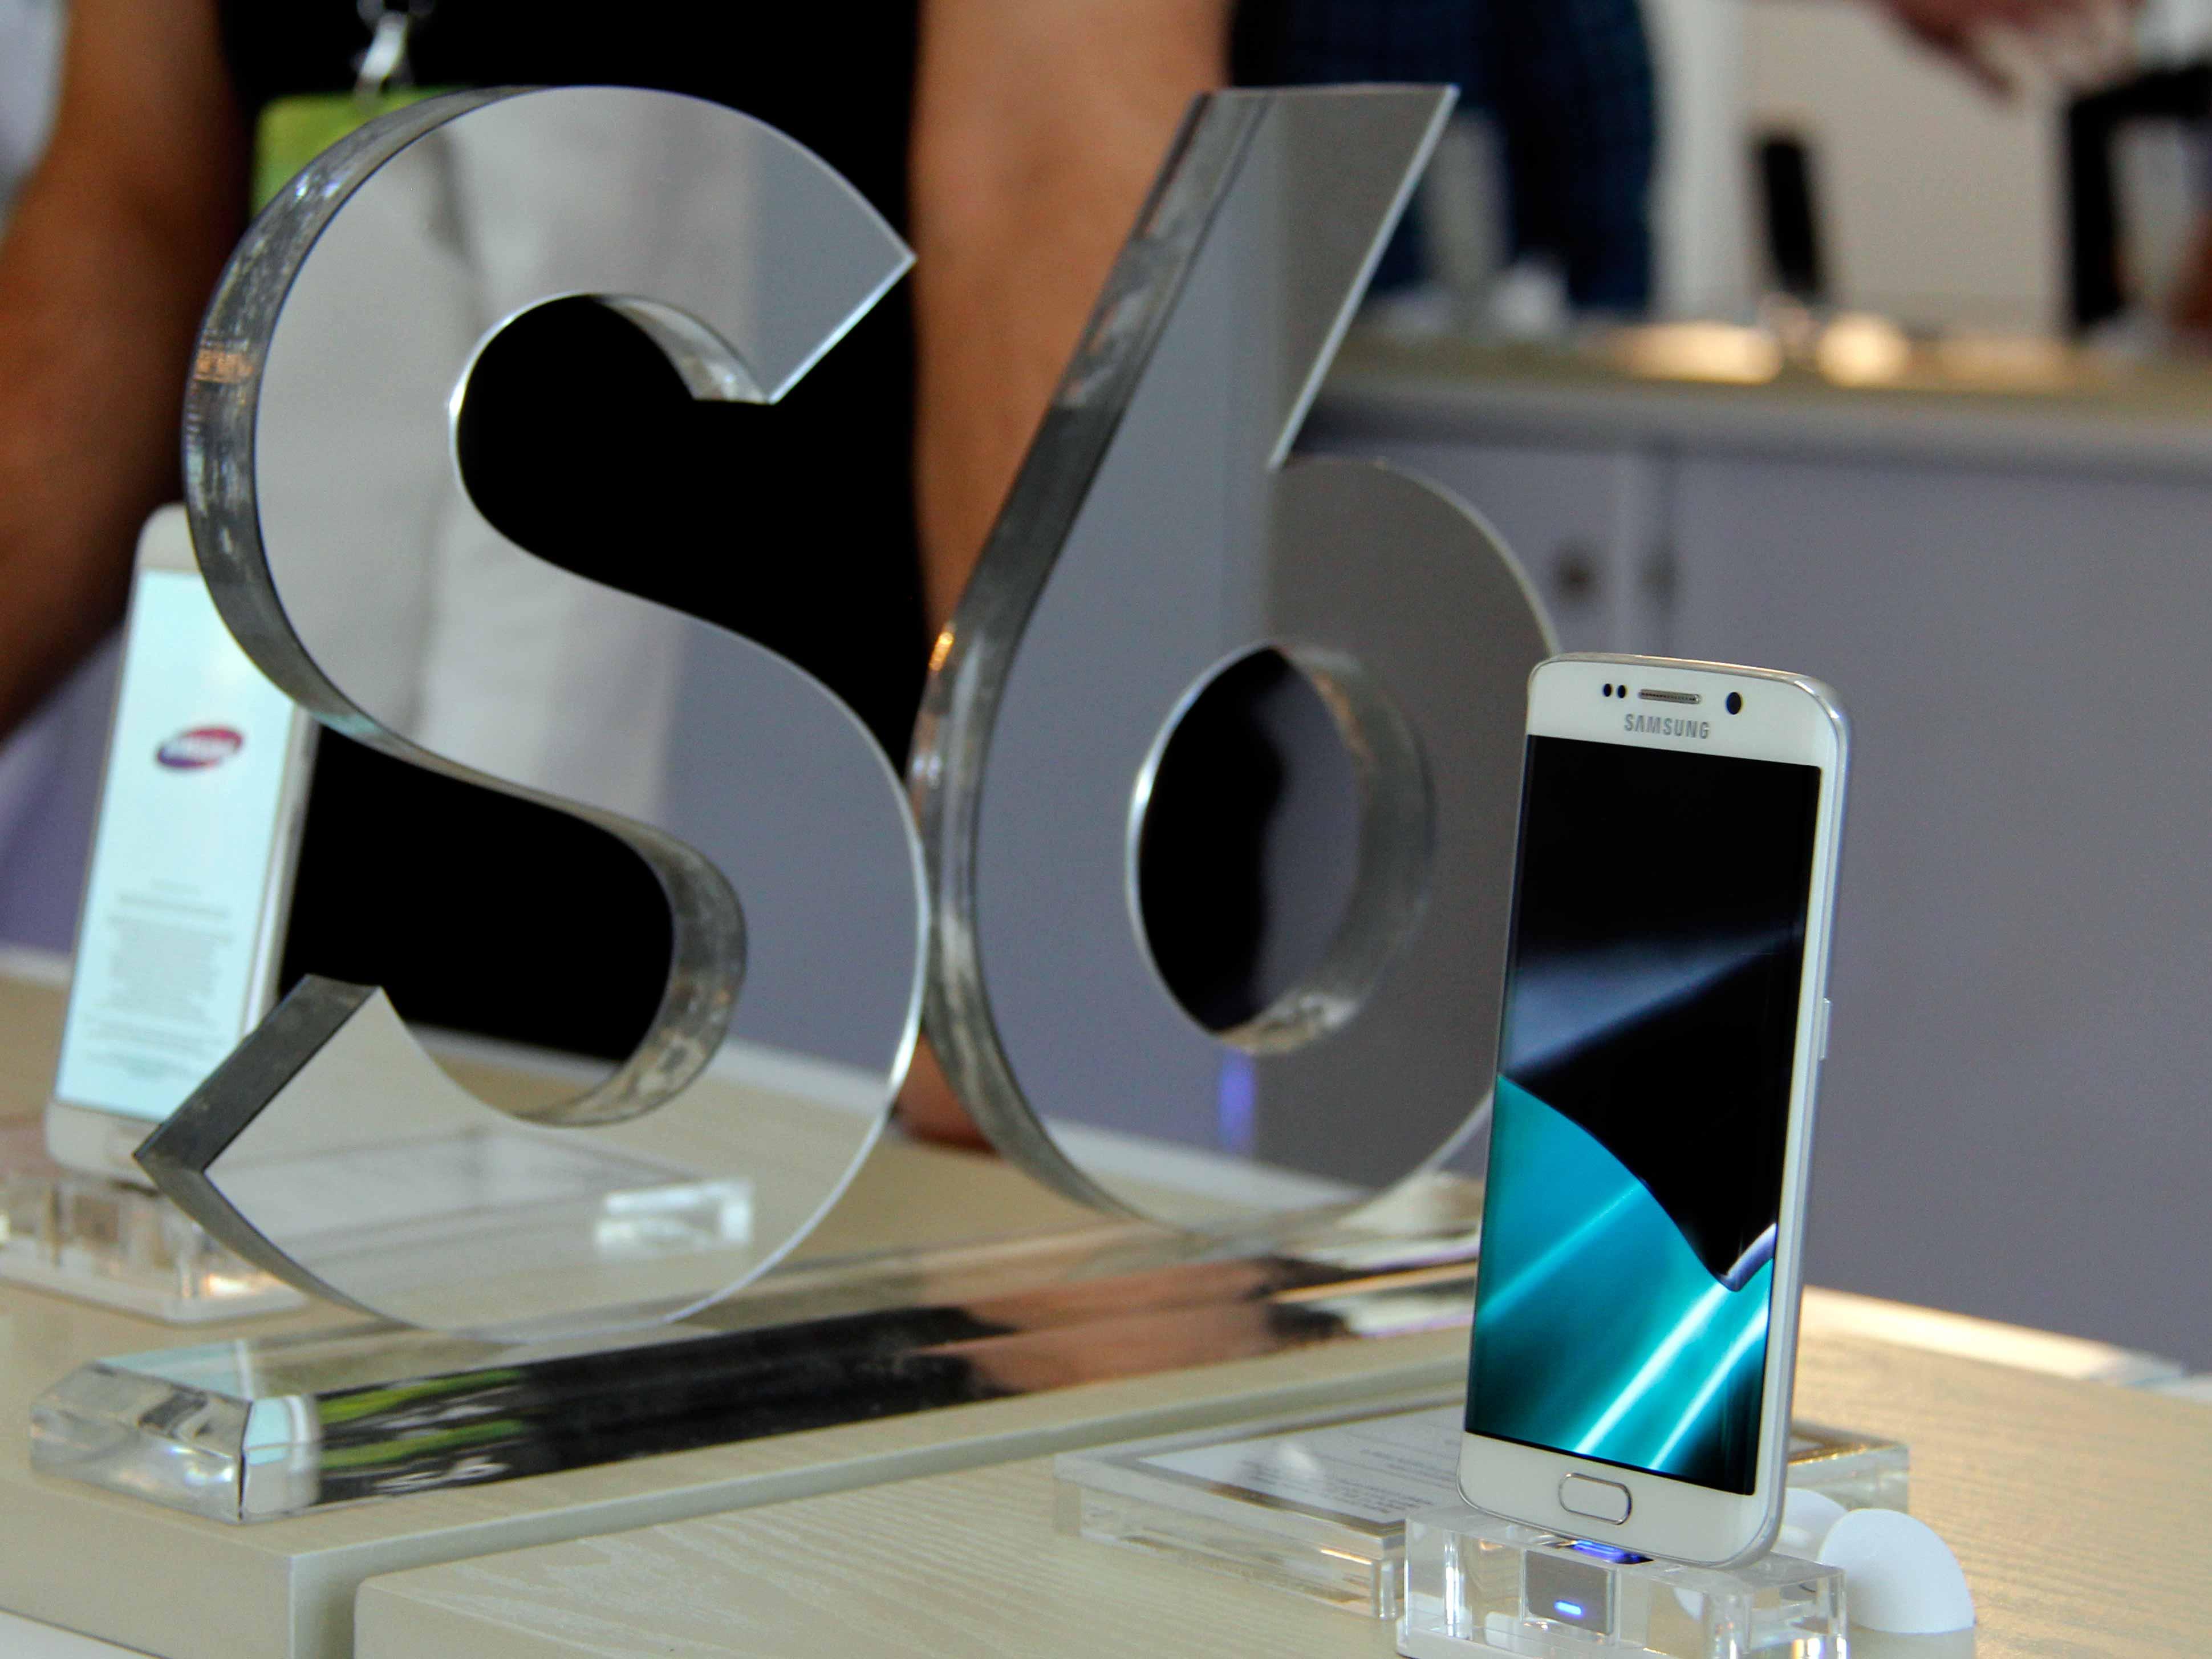 رونمایی رسمی از S6 و S6 edge در مرکز خرید چارسو